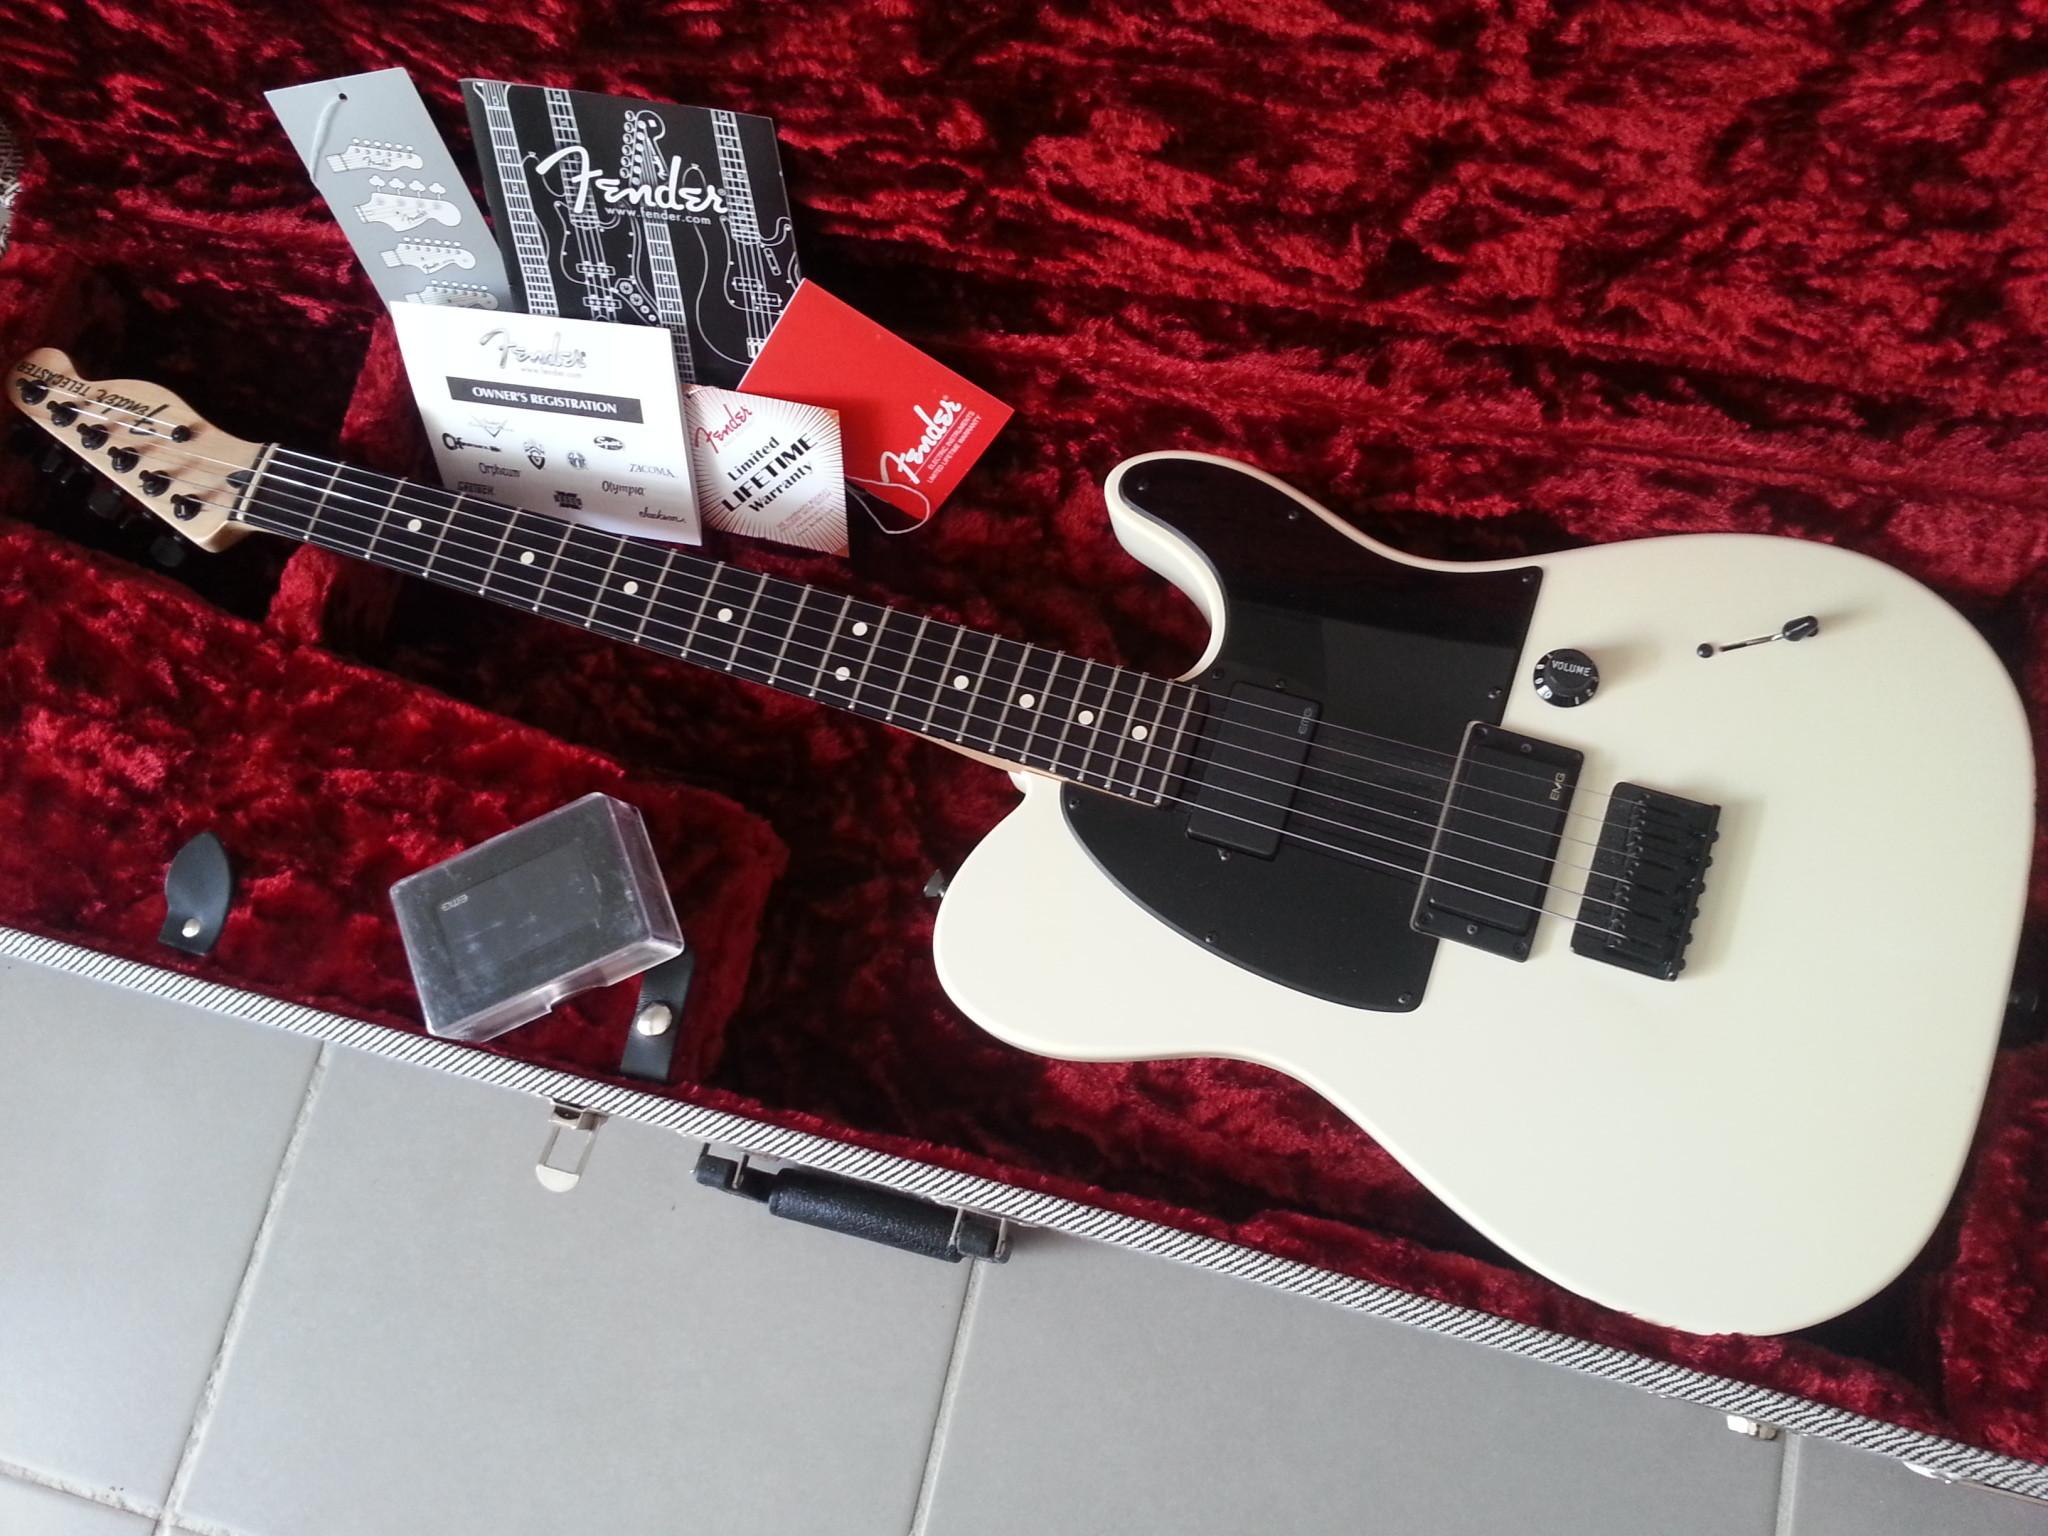 De Fender Telecaster is een elektrische gitaar ontworpen door Leo Fender in 1949 Deze gitaar heeft een enkele cutaway onderaan in de body Kenmerkend voor de